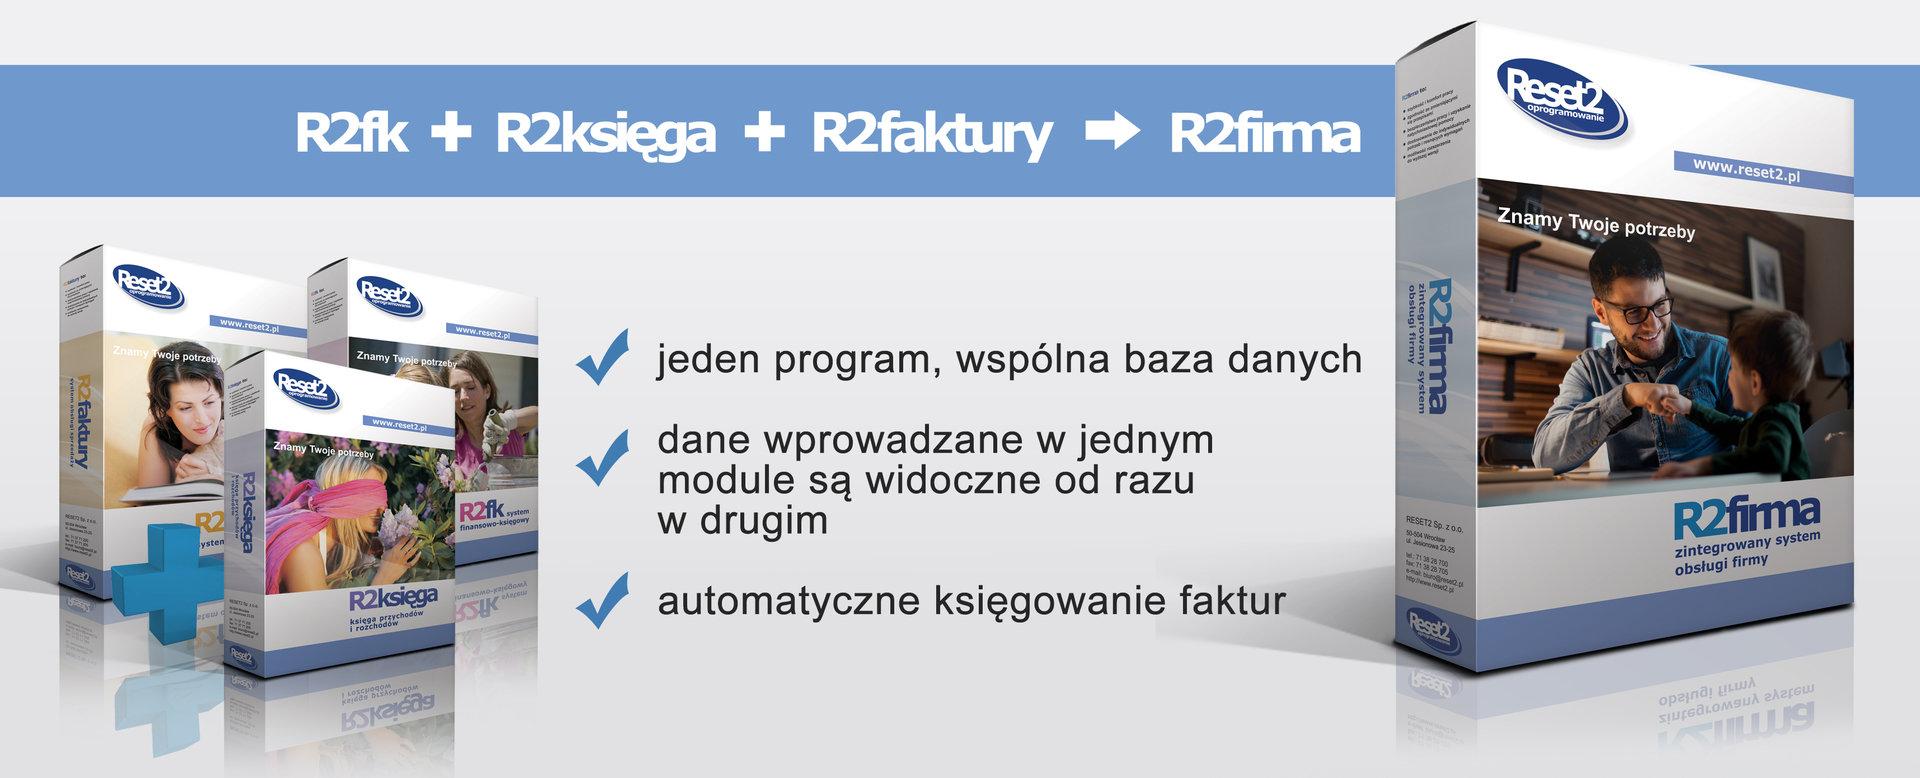 R2firma pomoże mikrofirmom z Jednolitym Plikiem Kontrolnym. W wersji START nawet za darmo